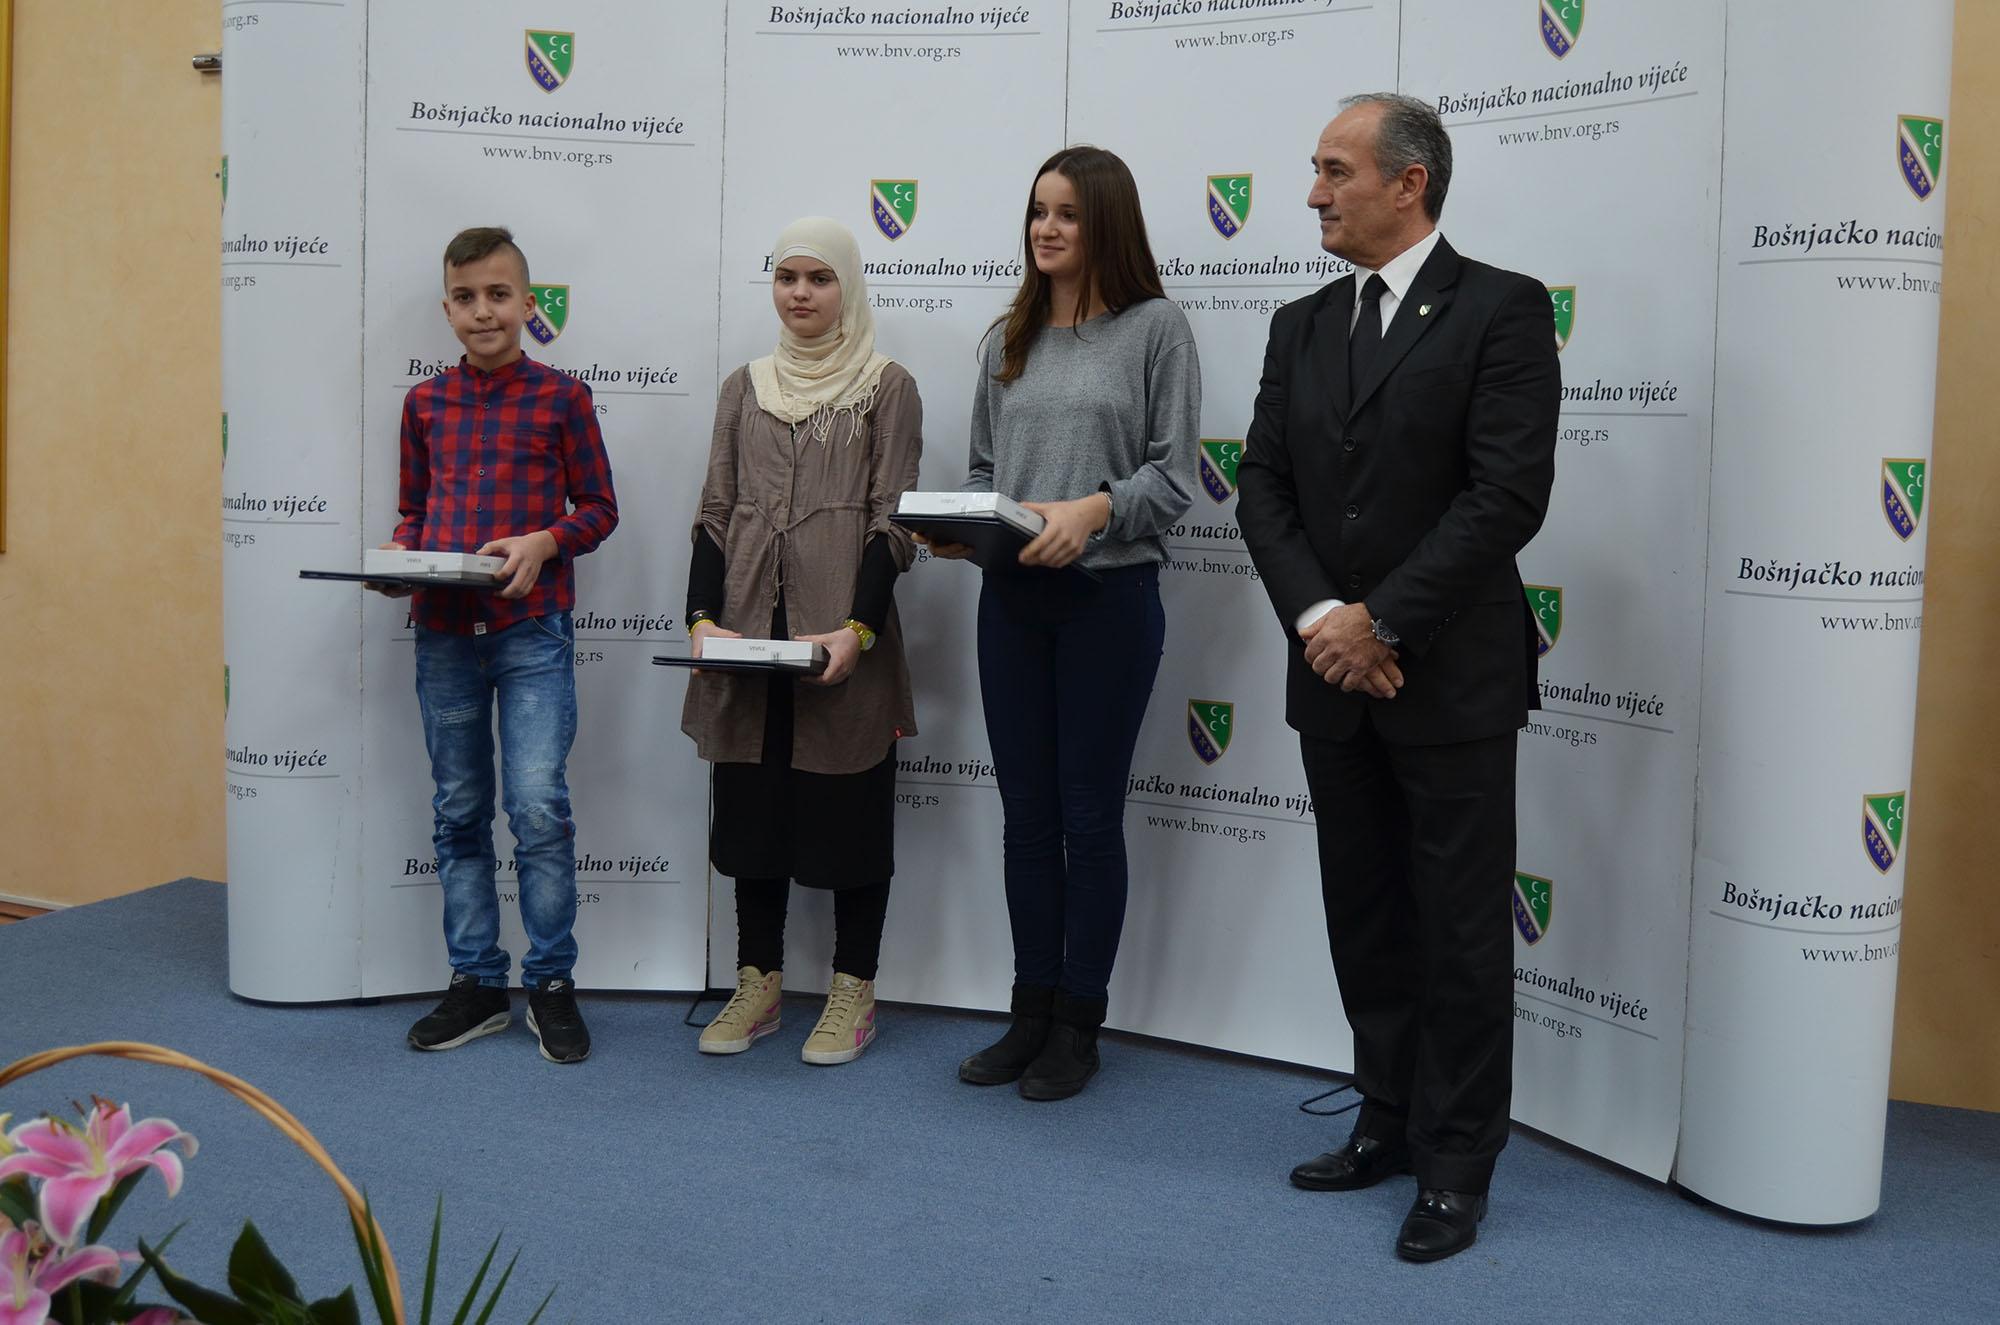 Dobitnici nagrada i diploma za osvojena treća mjesta na literarnom konkursu za obje kategorije kao i za trećeg mjesta na foto konkursu. Nagrade je uručio predsjednik Izvršnog odbora Vijeća doc.dr. Hasim Mekić.